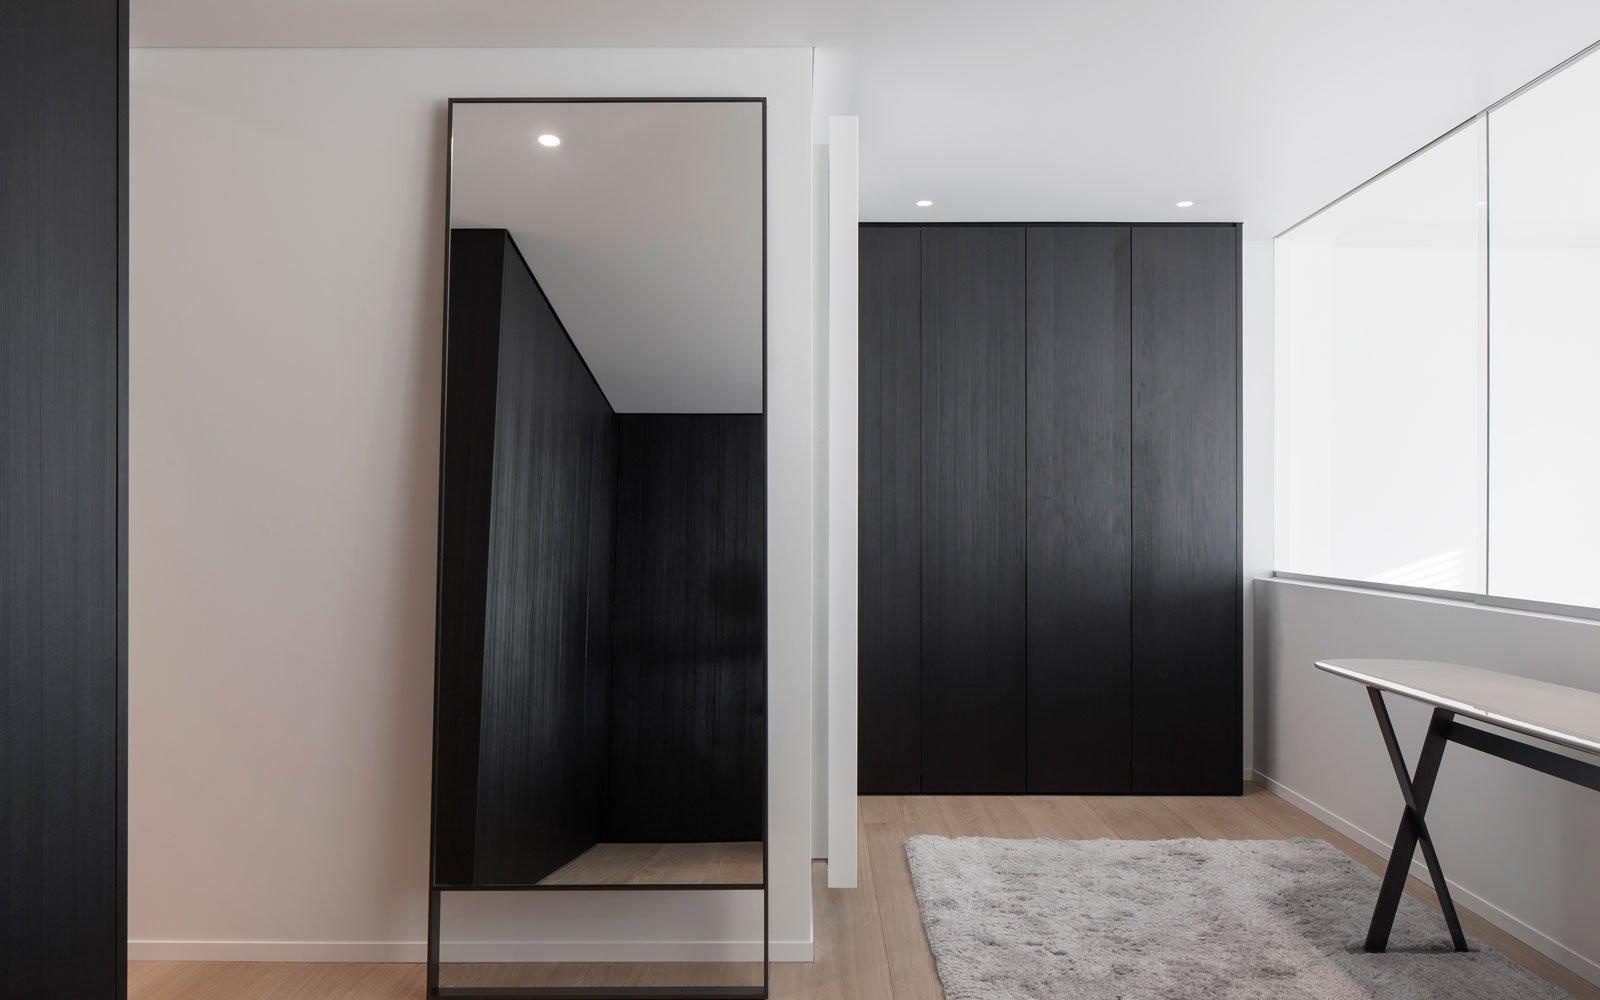 Slaapkamer, maatwerk kasten, master bedroom, bed, Knokse duplex, Stephan Gunst